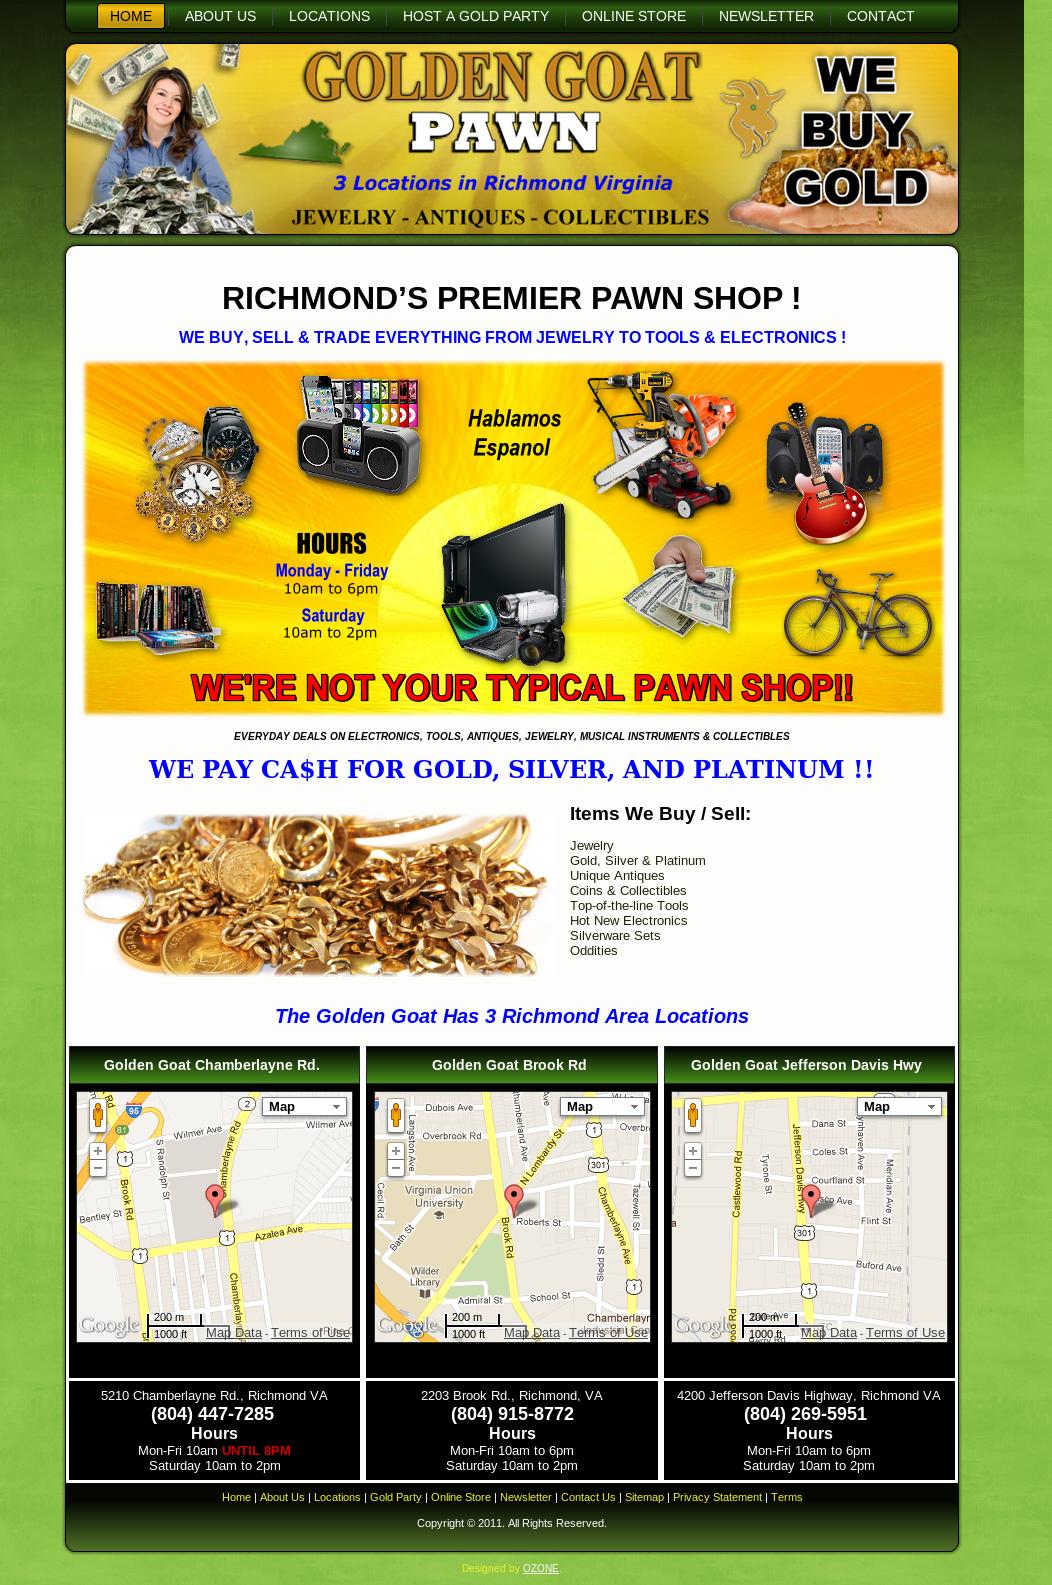 $99 Web Design Golden Goat Pawn Shop